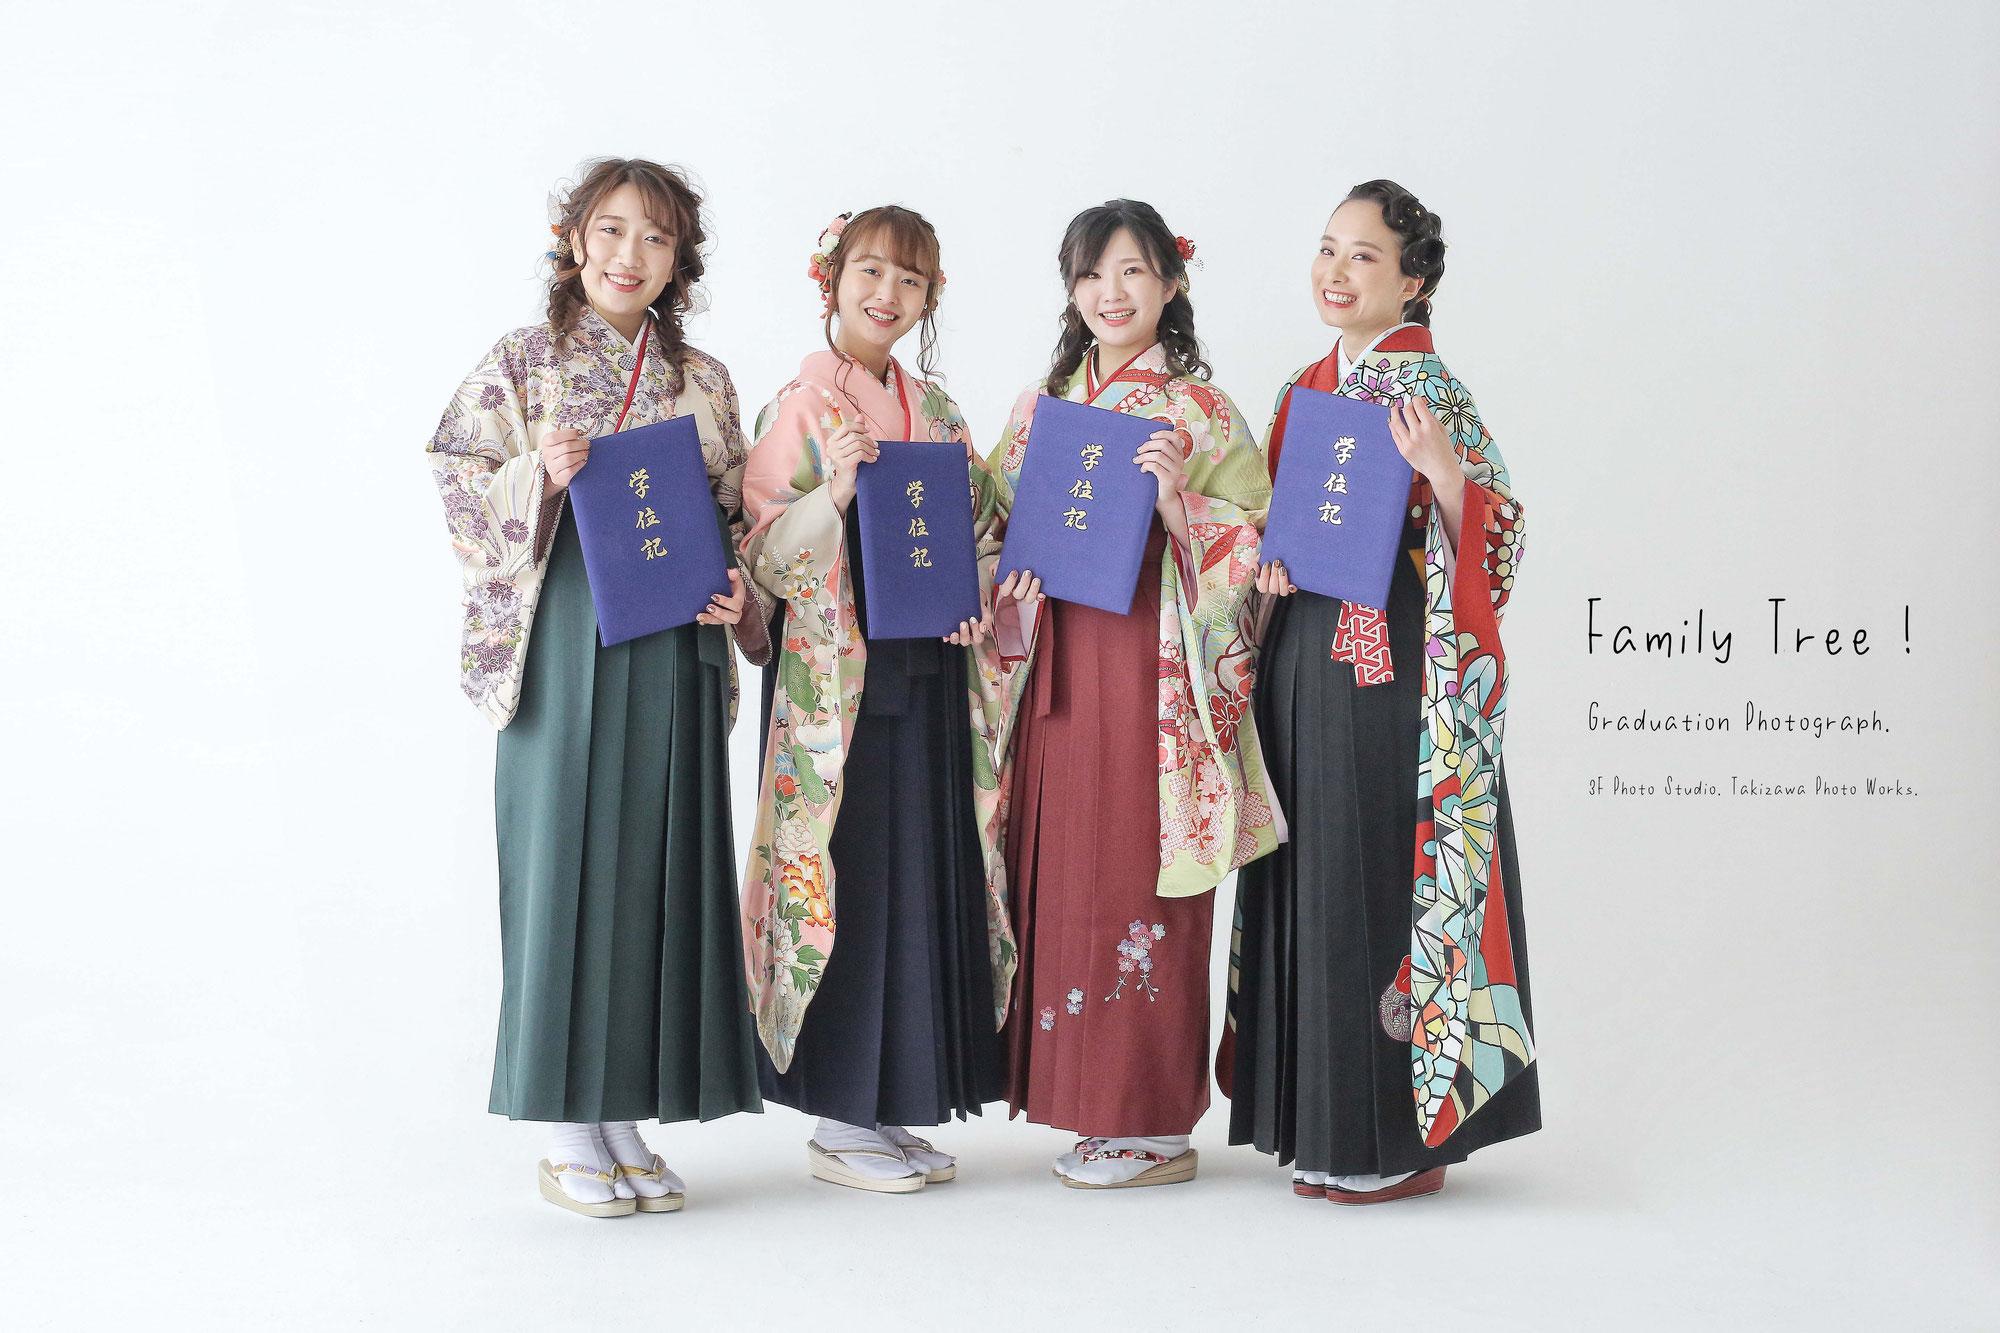 新潟市にある 3F Photo Studio.の卒業写真!